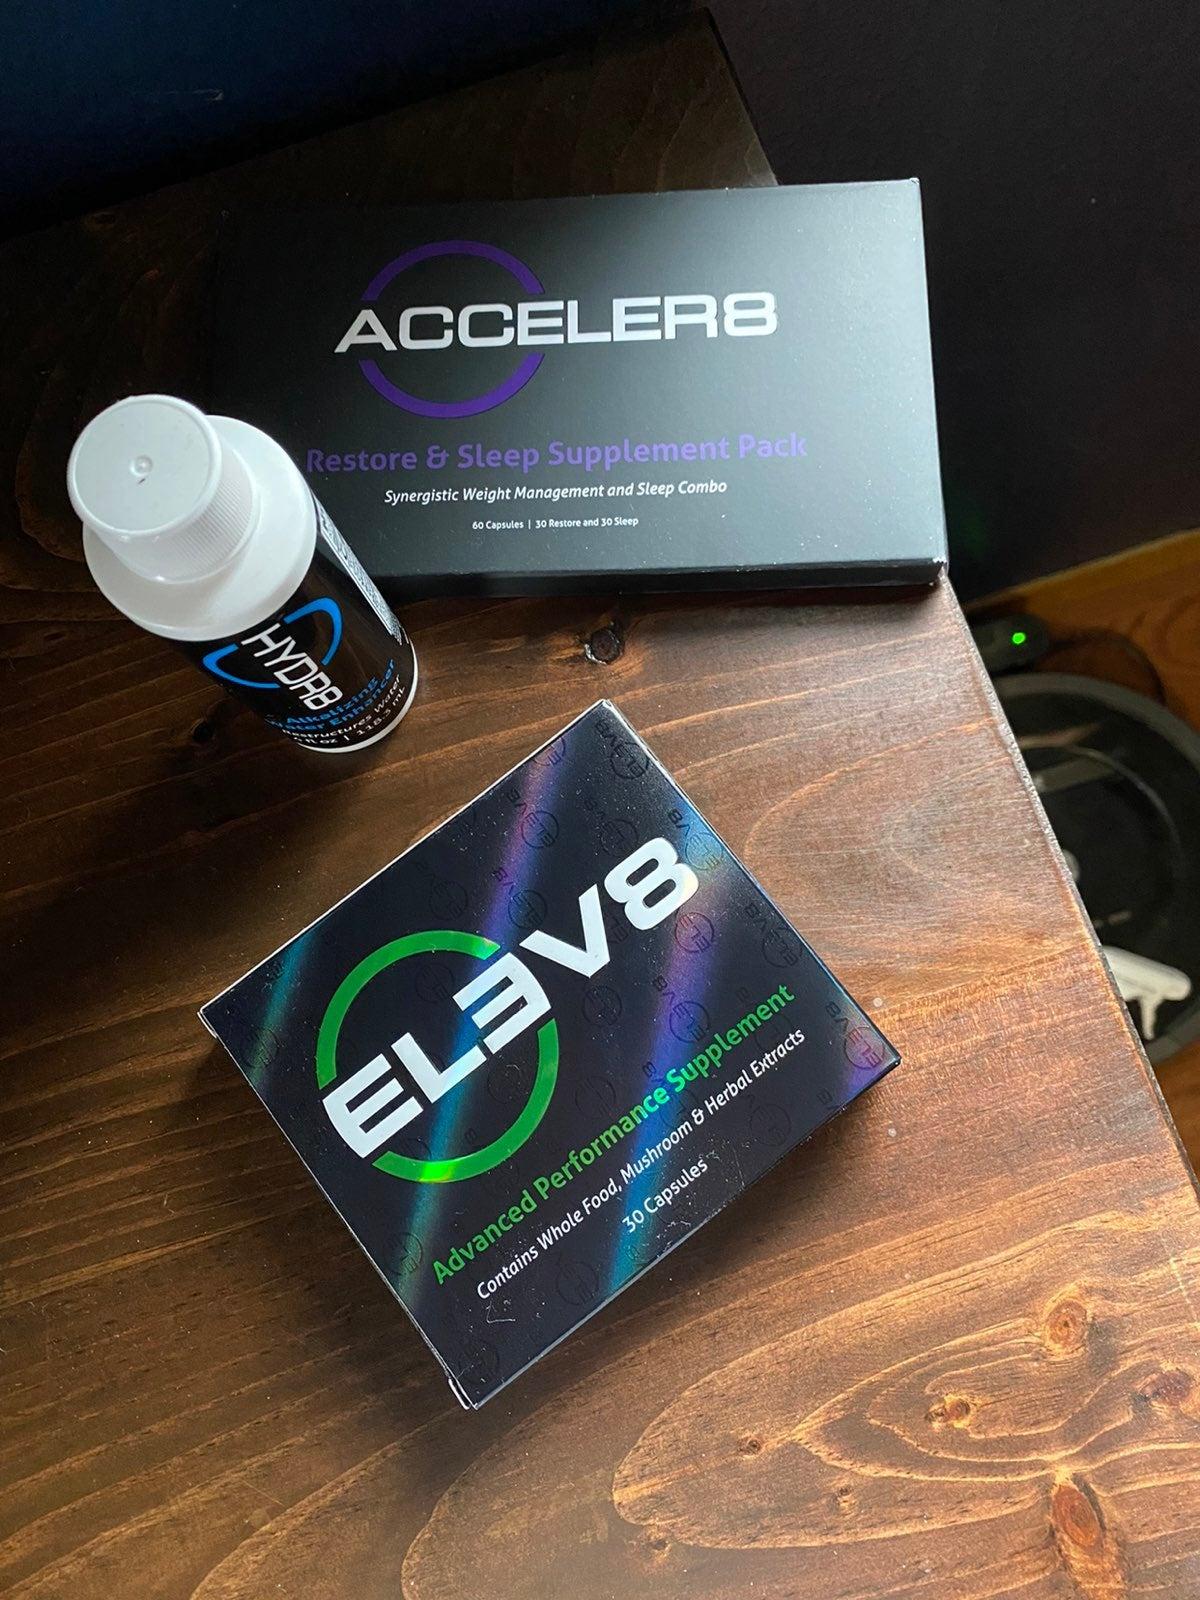 Bepic Bundle - Elev8, Acceler8 and Hydr8